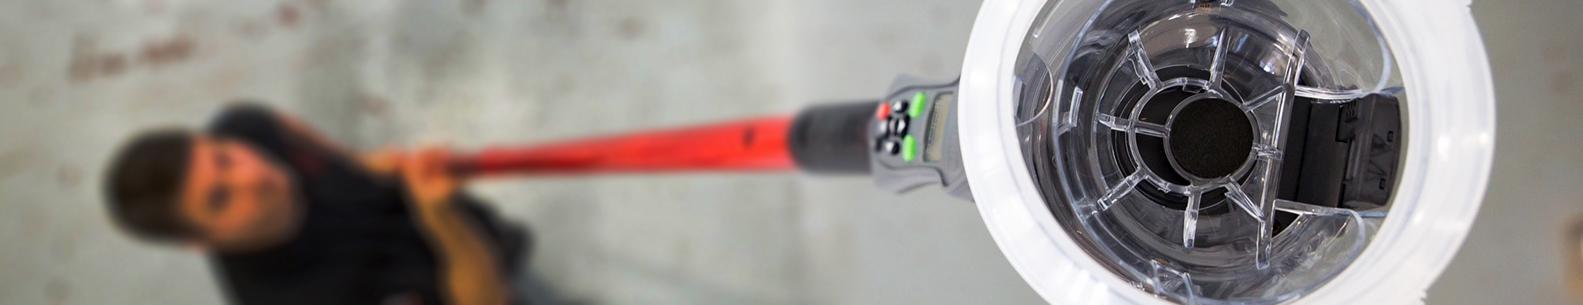 Dujų testeriai detektoriams, testavimo įranga